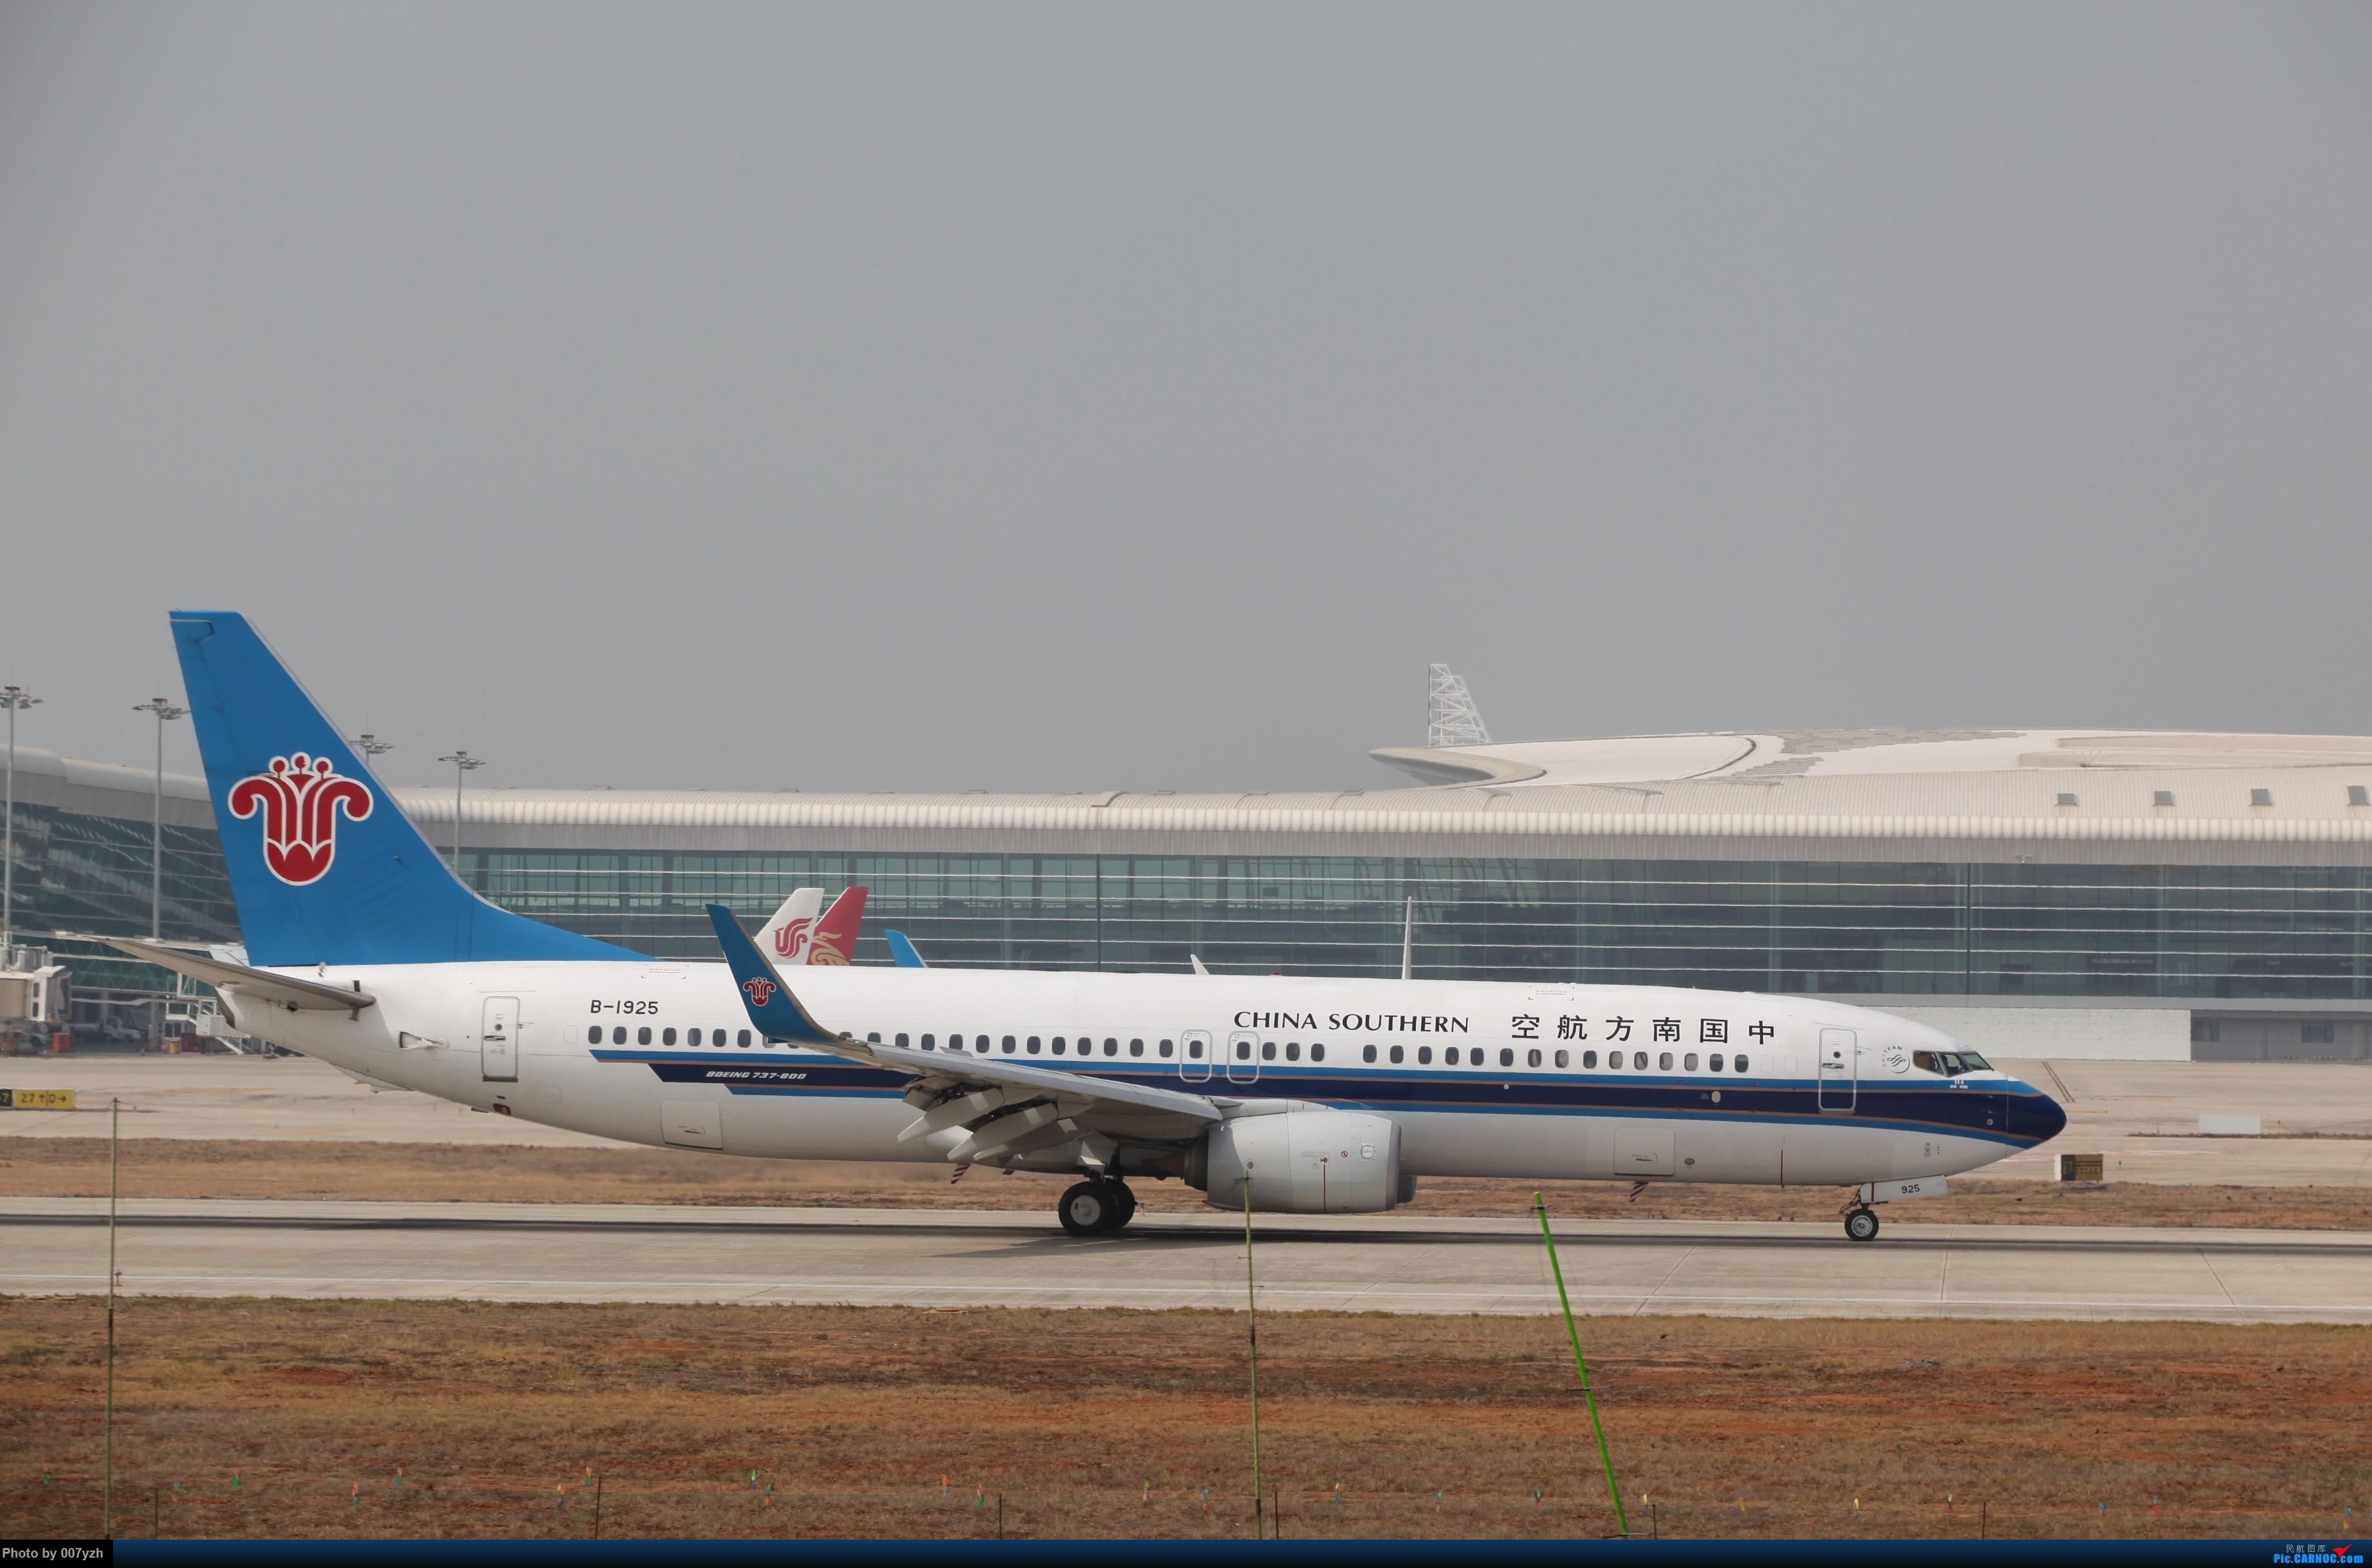 Re:[原创]WUH小拍,终于找到了在WUH拍机的组织 BOEING 737-800 B-1925 中国武汉天河国际机场